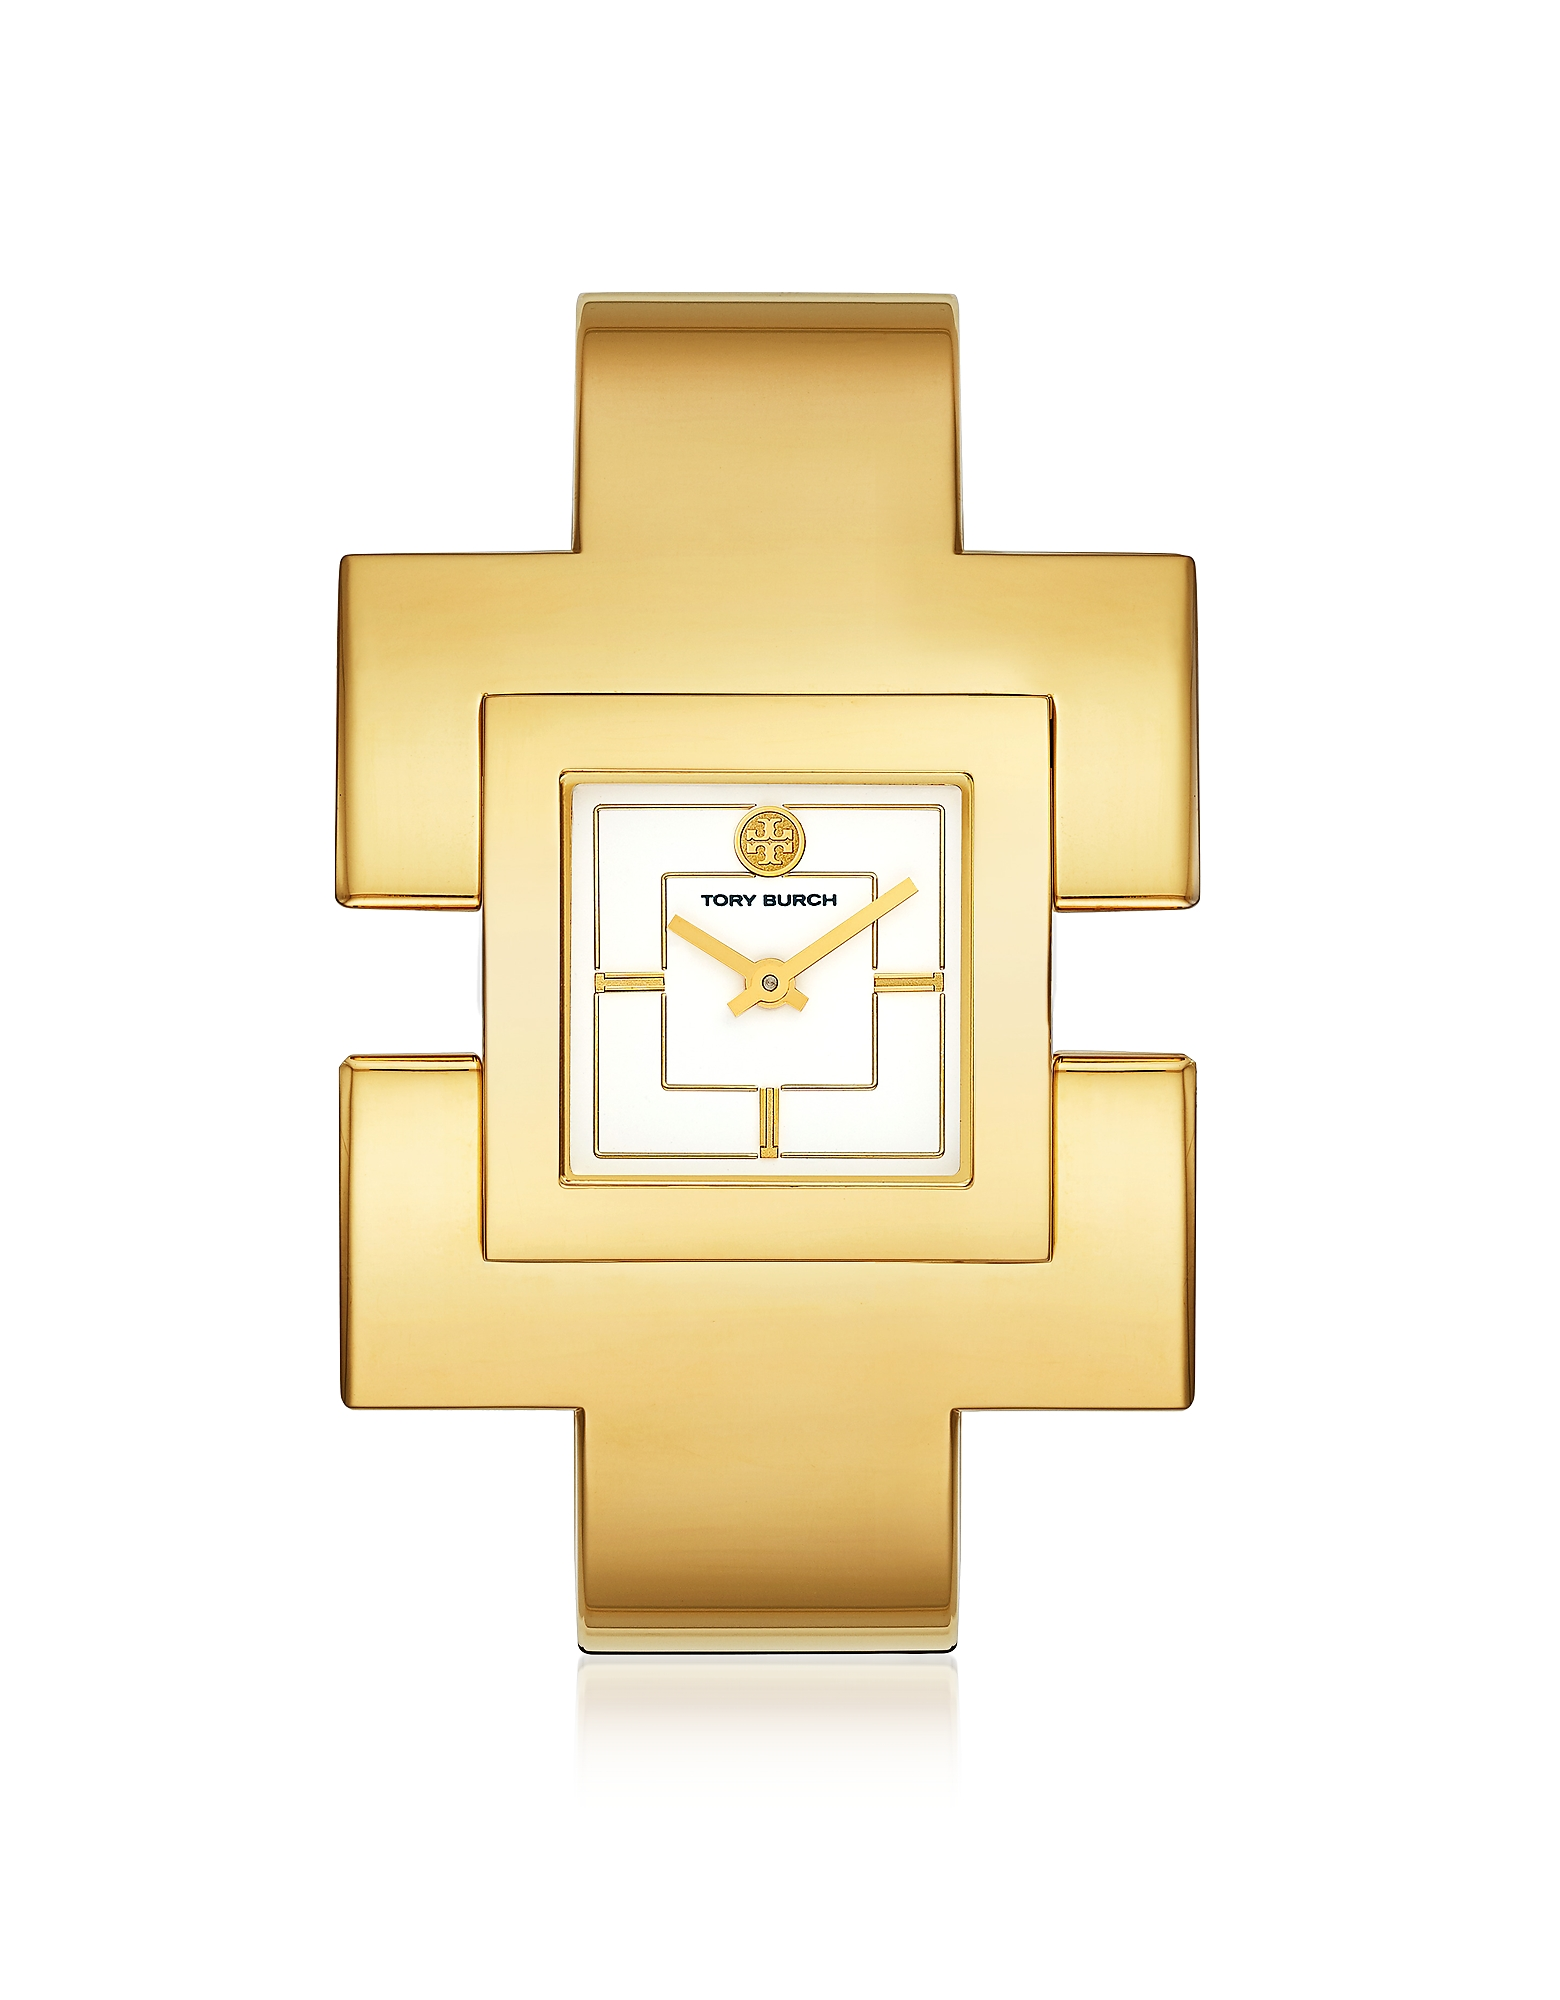 Tory Burch Women's Watches, The T bangle Women's Watch